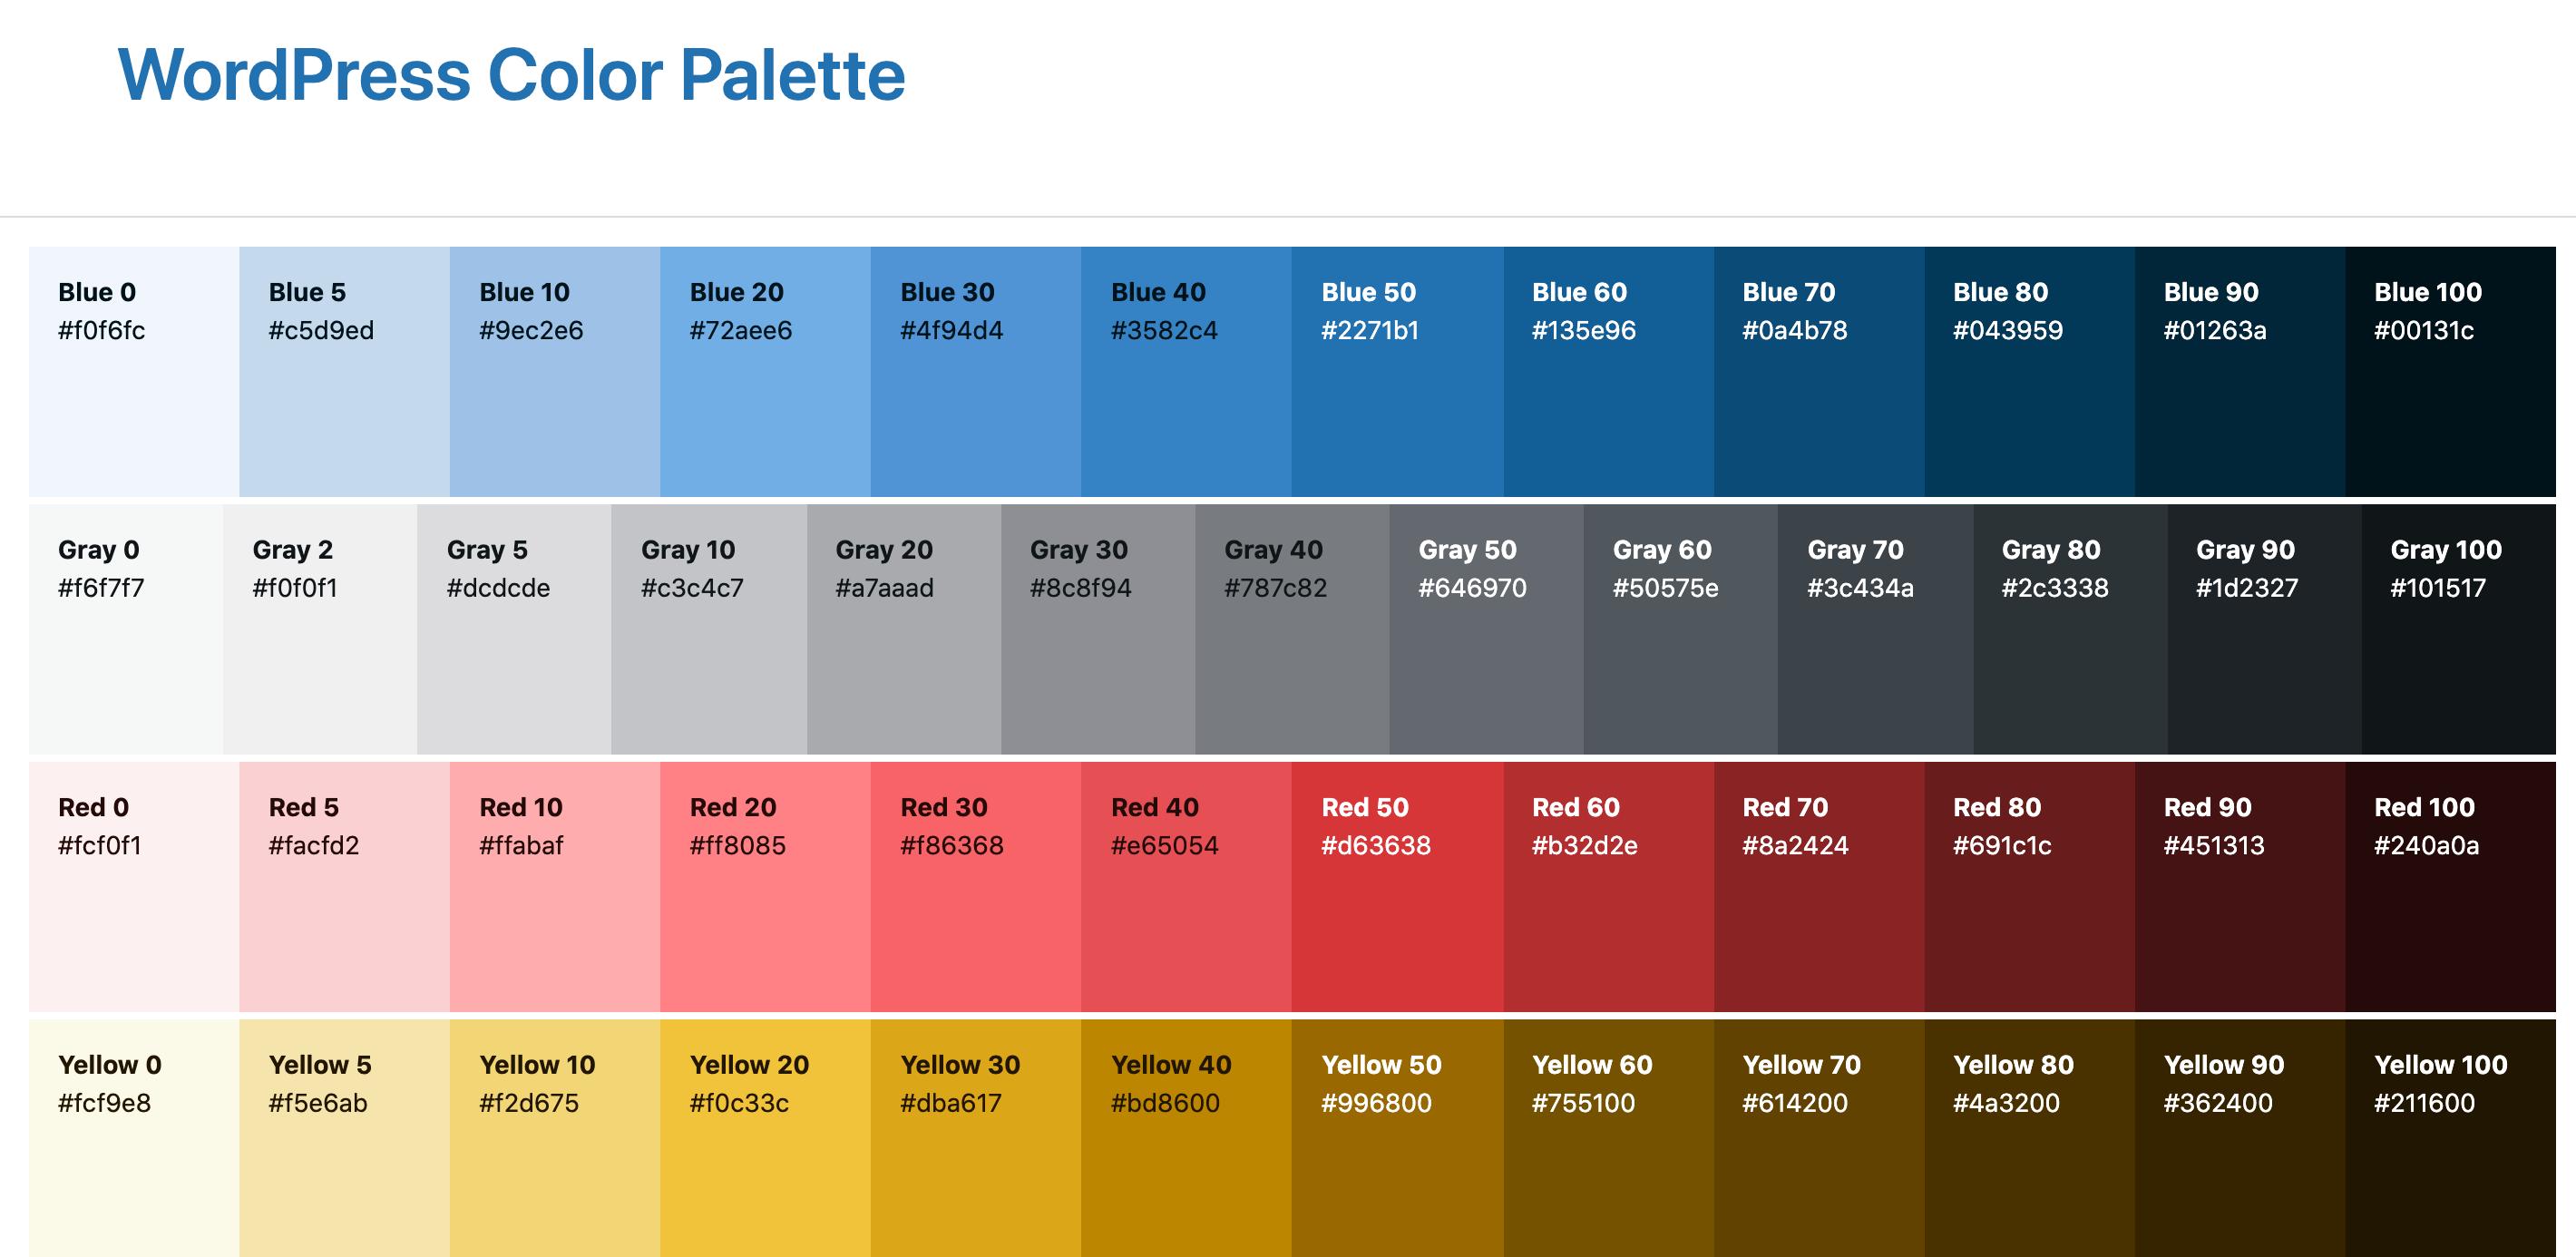 The WordPress 5.7 Esperanza color palette.